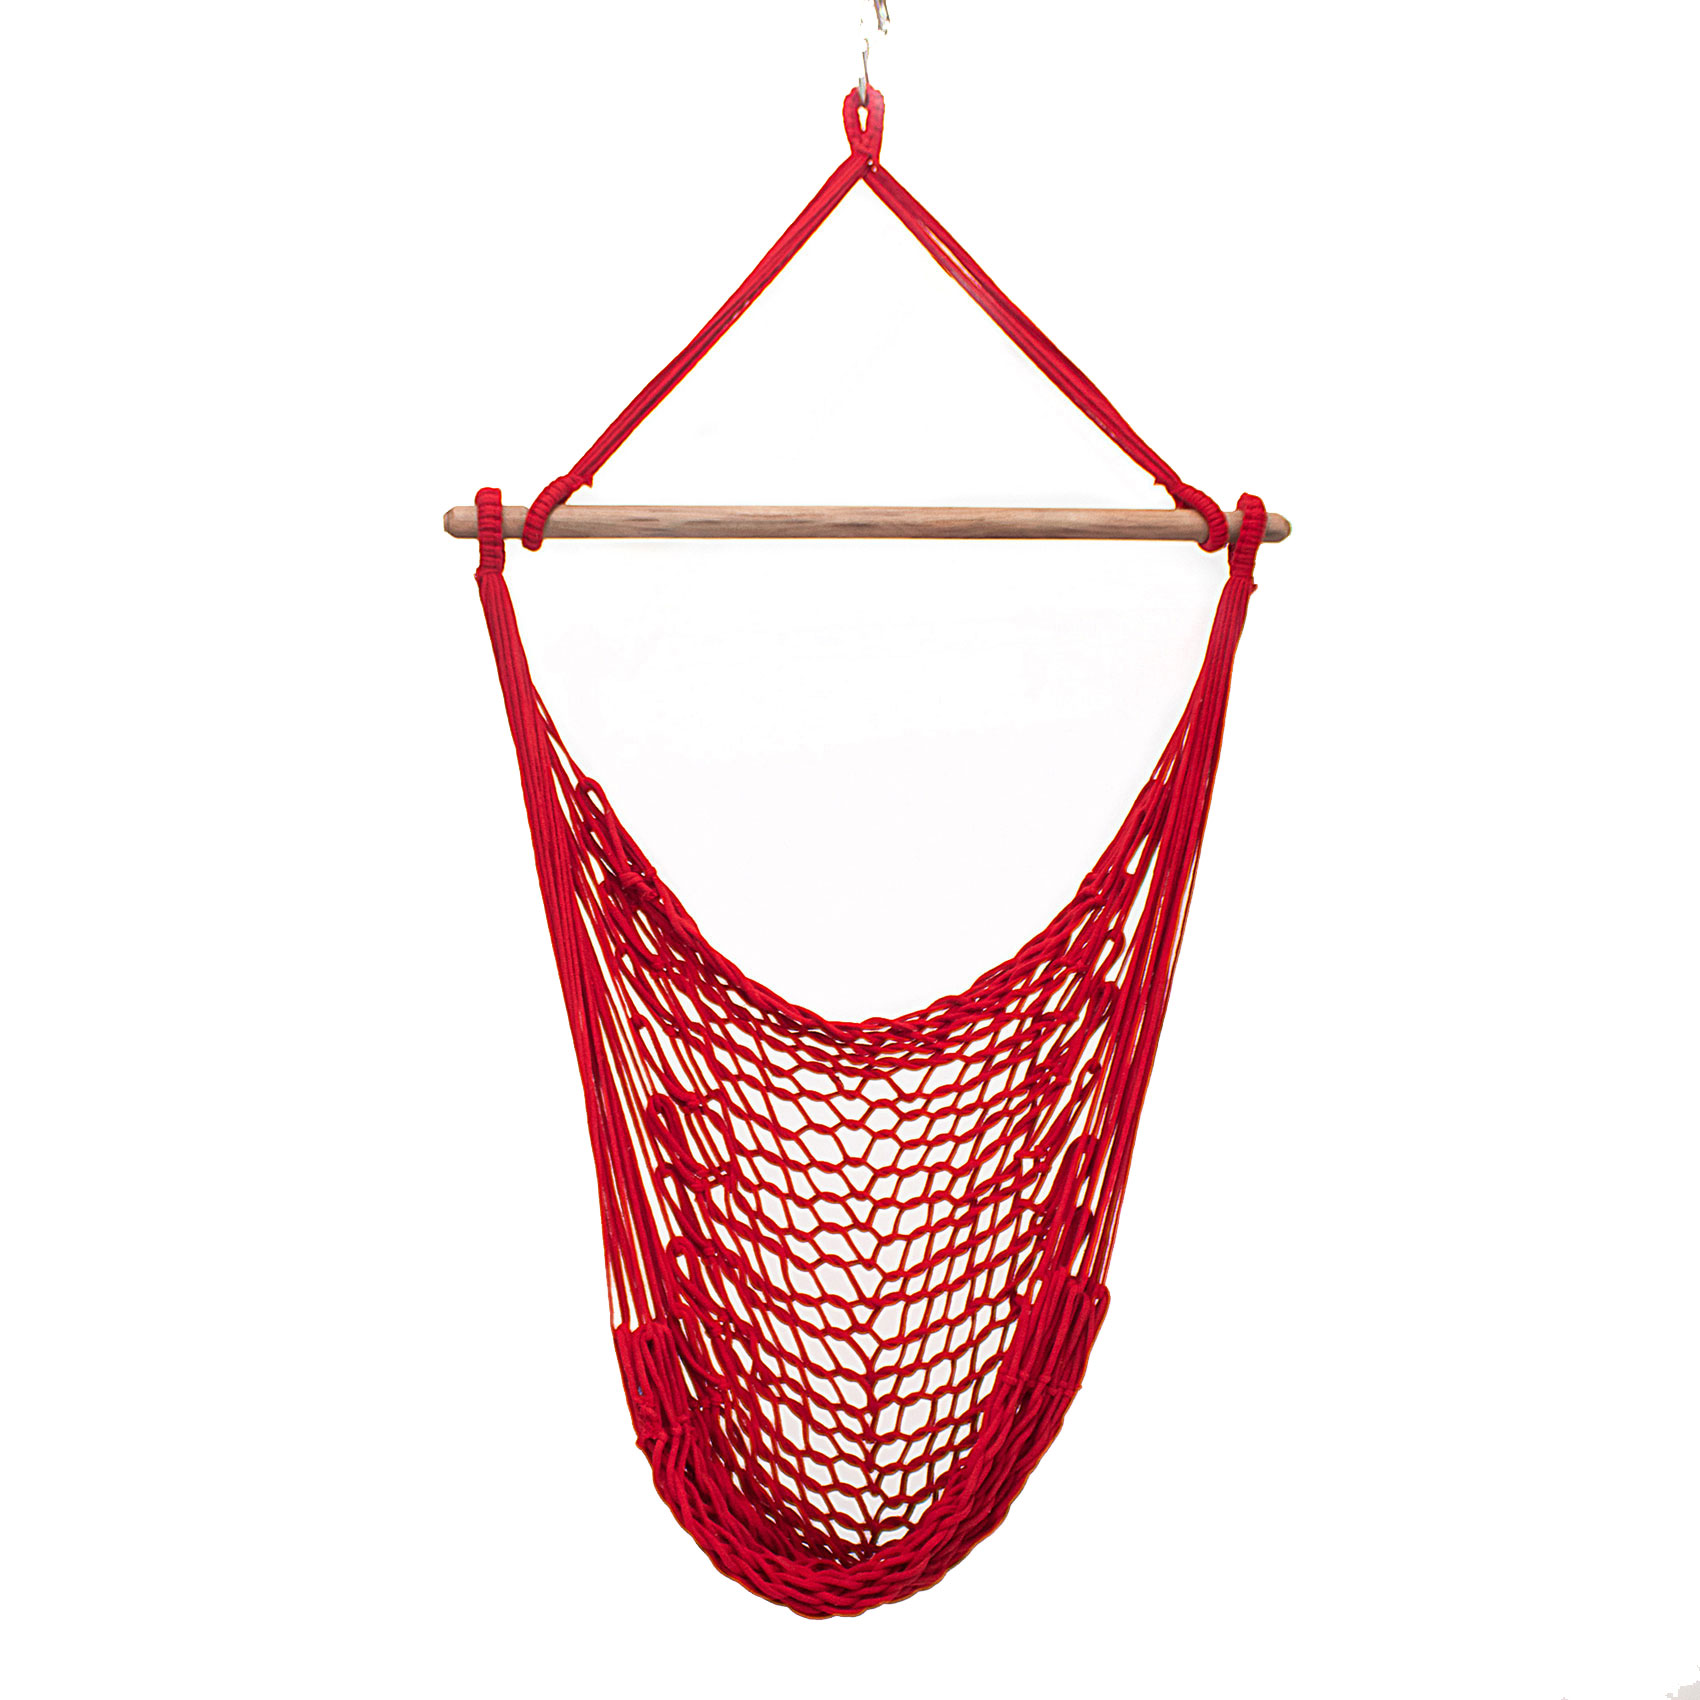 Rede Cadeira Suspensa Teto Corda Algodão Vermelha